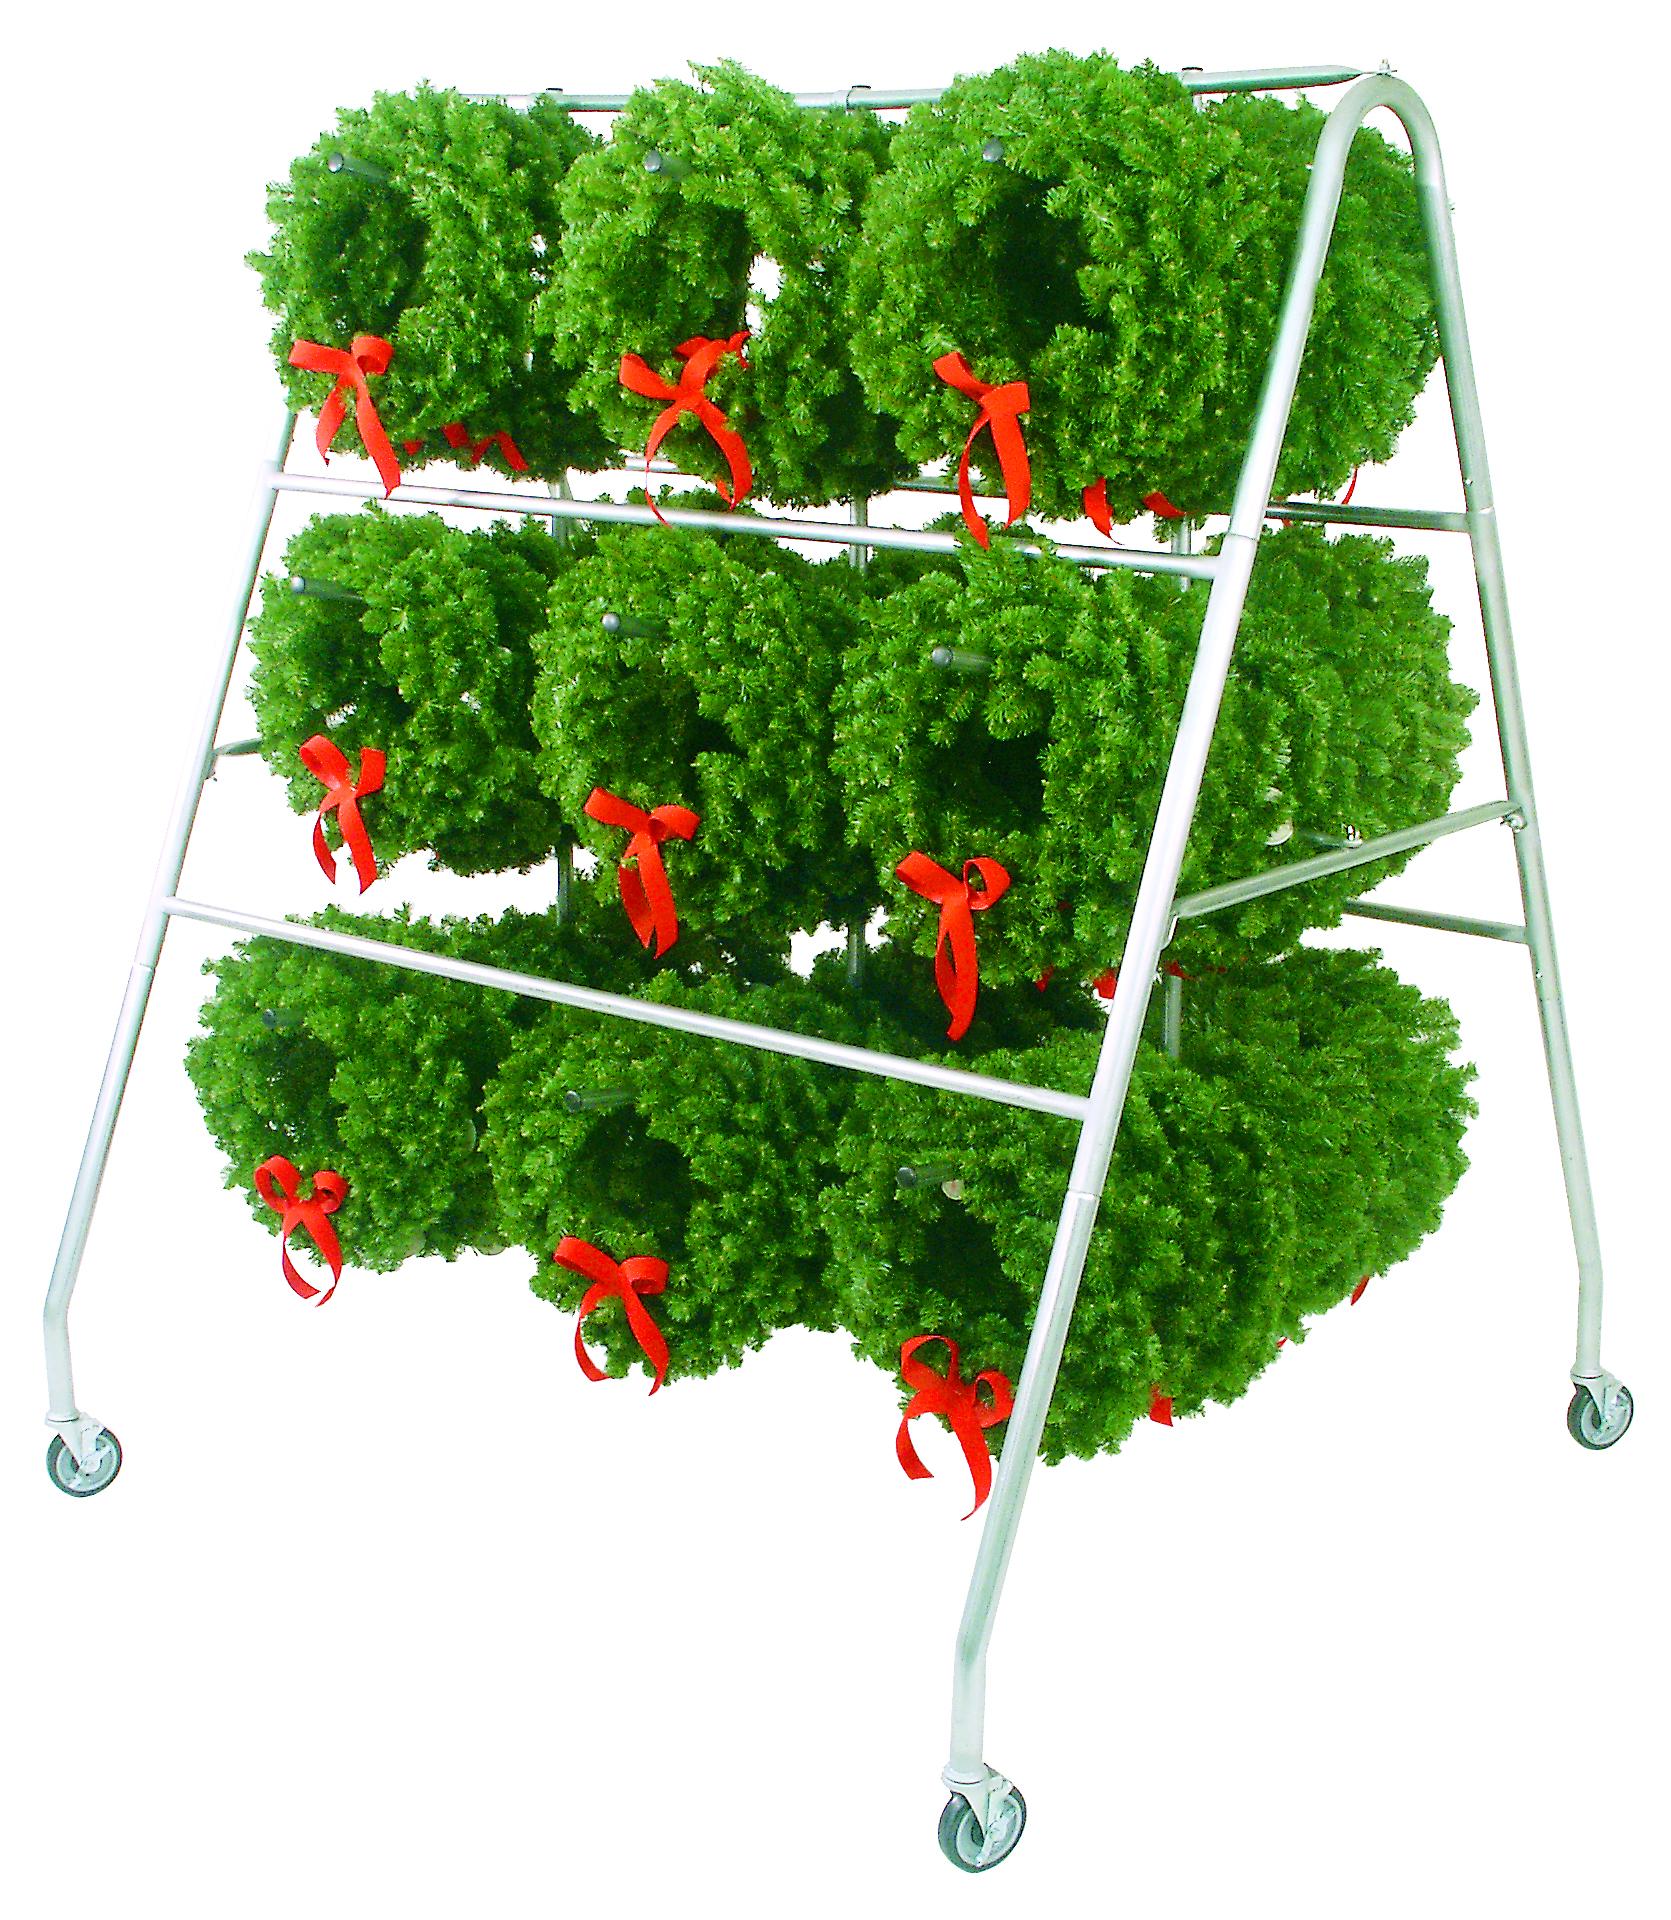 bh3000-w-wreaths-cutout.jpg